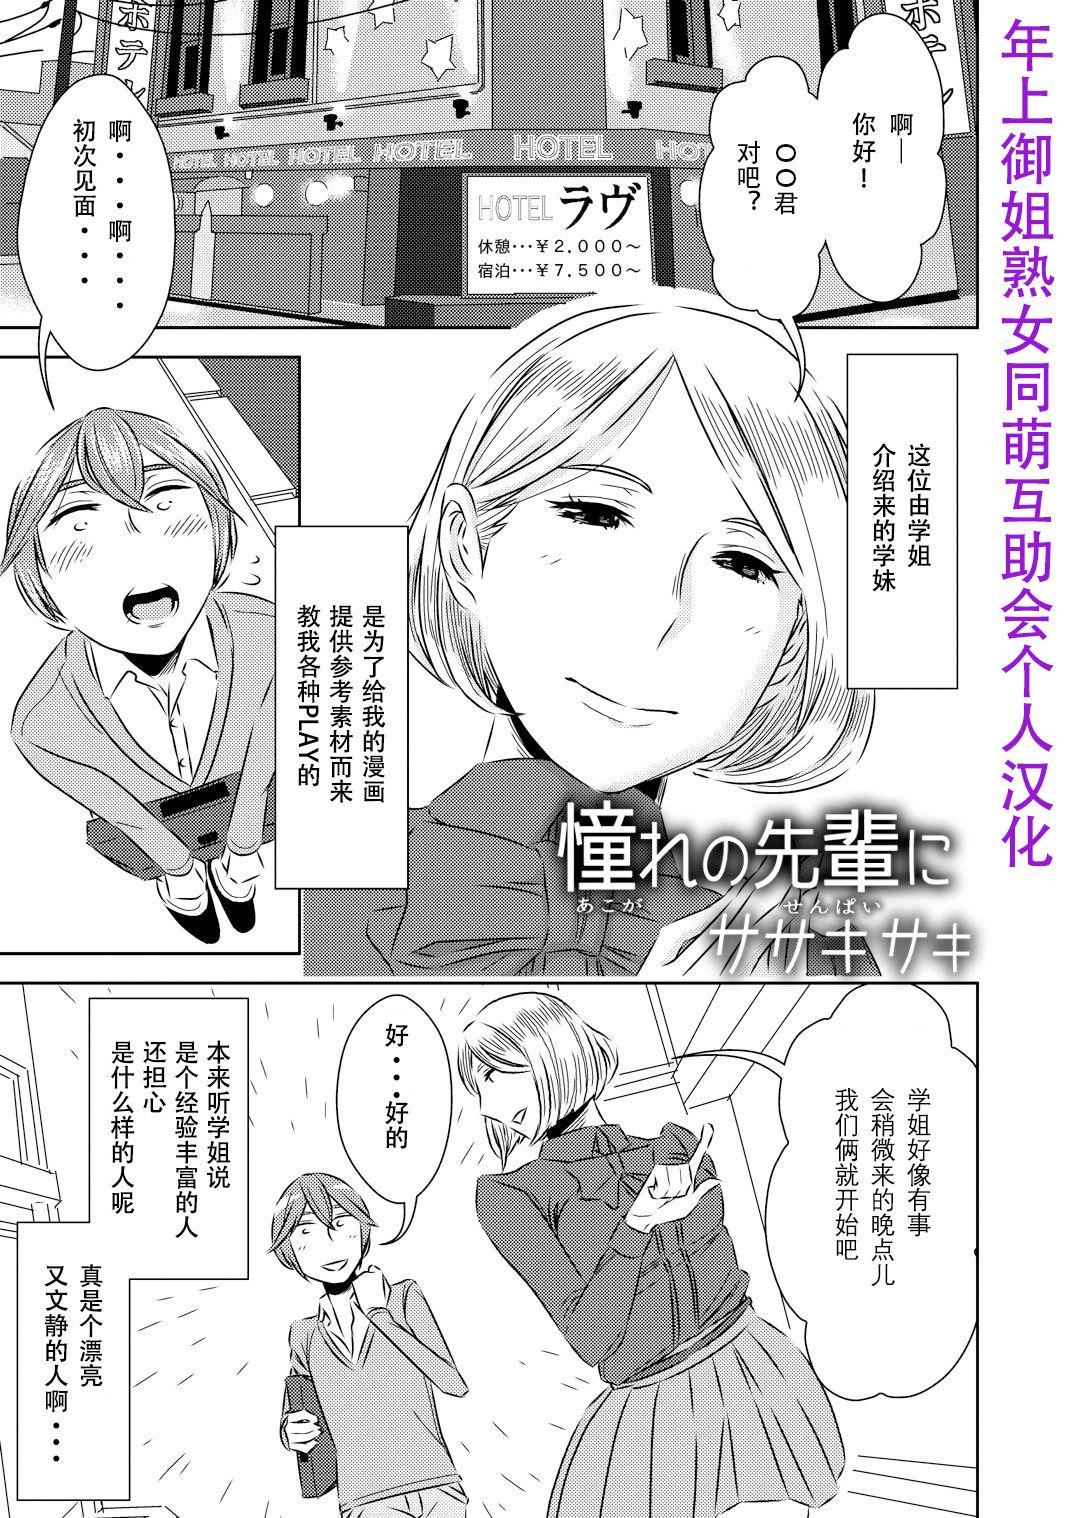 [男の子と女の子 (ササキ サキ)] 憧れの先輩に ~后輩さんもいっしょ!~ - 情色卡漫 -